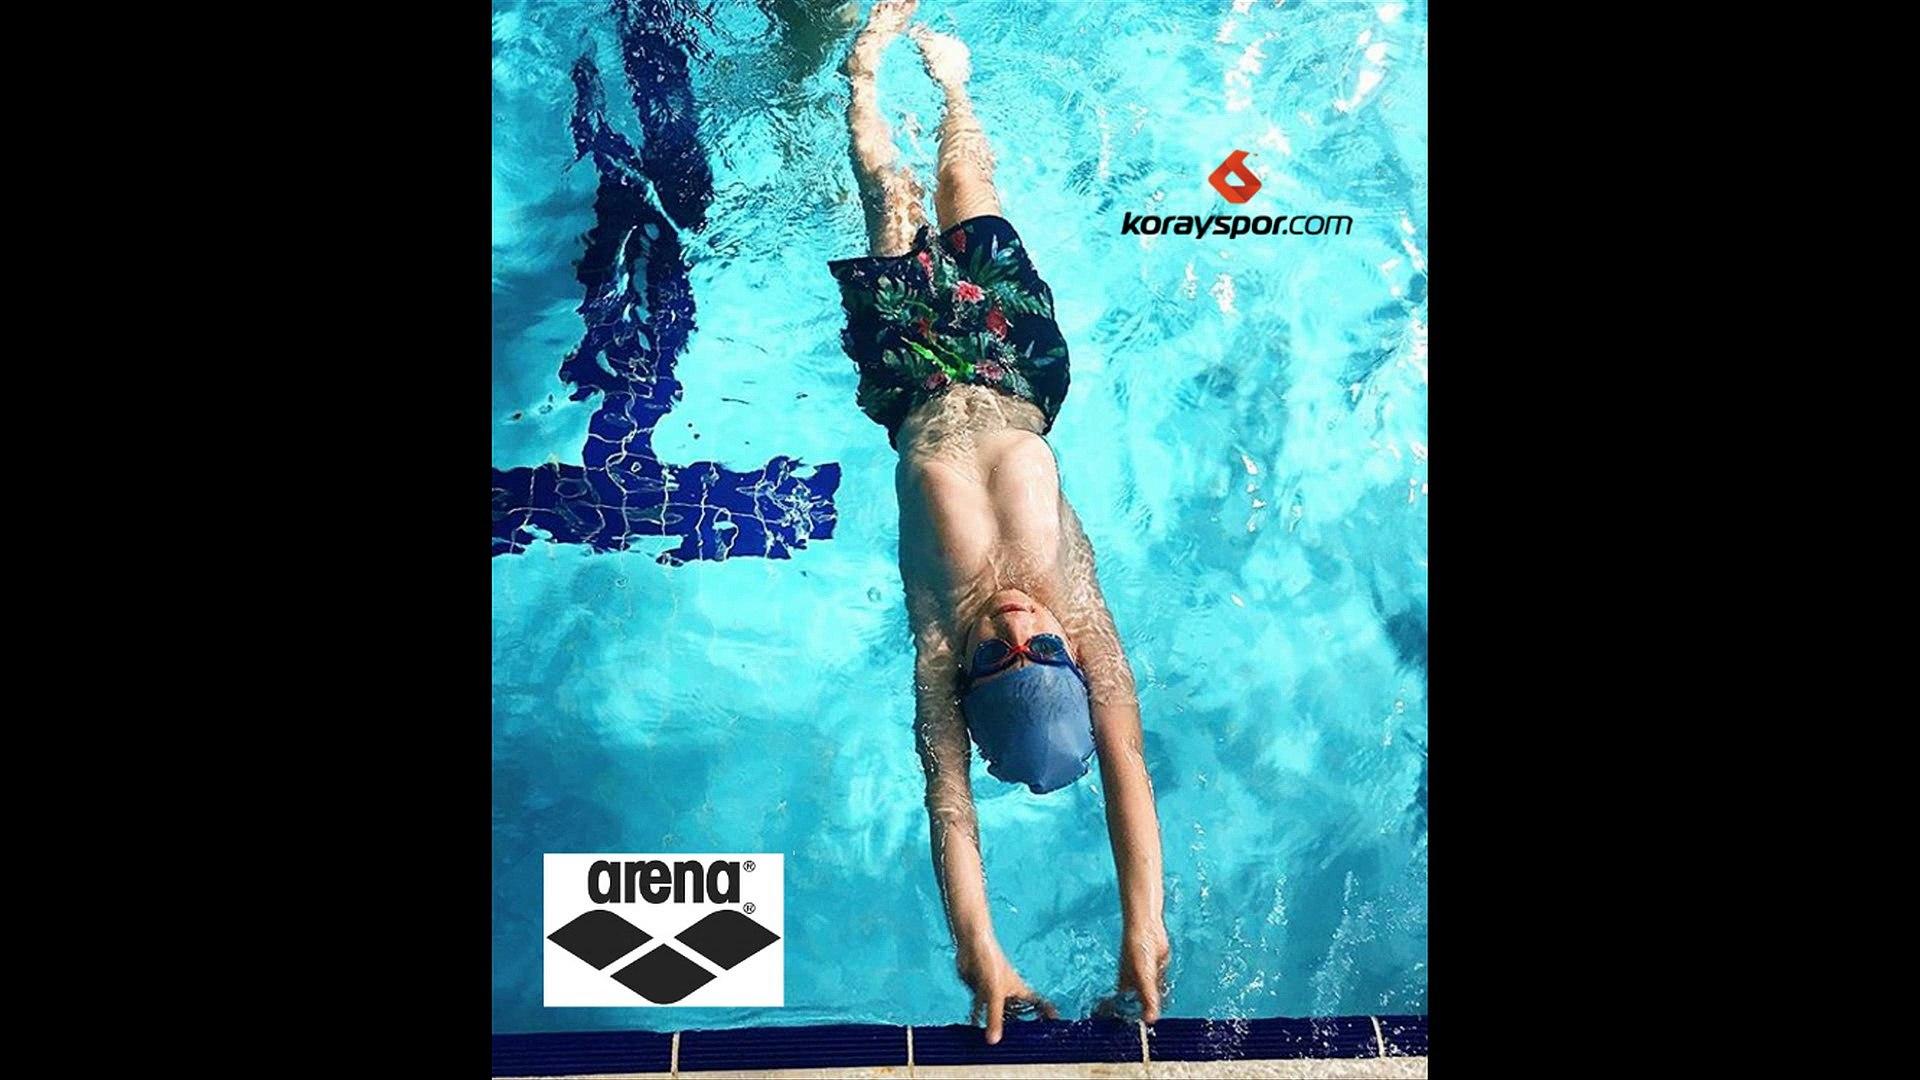 Arena Yeni Dayanıklı Çocuk Grubu En Çok Satılan Çocuk Yüzücü Gözlükleri